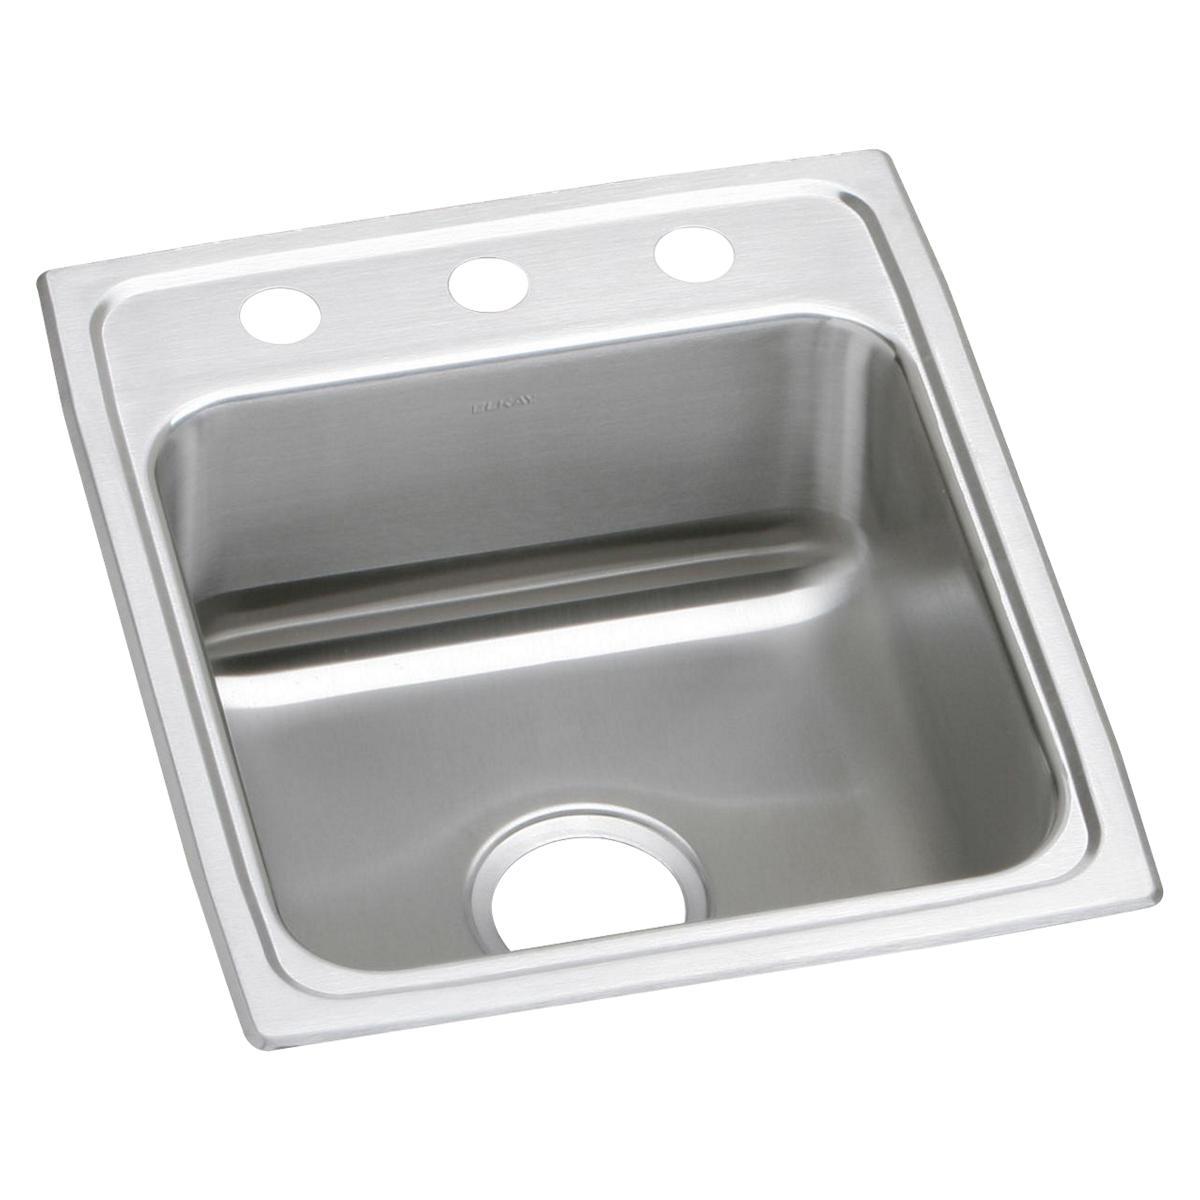 """Elkay Lustertone Classic Stainless Steel 17"""" X 20"""" X 5-1/2"""", Single Bowl Drop-in ADA Sink"""